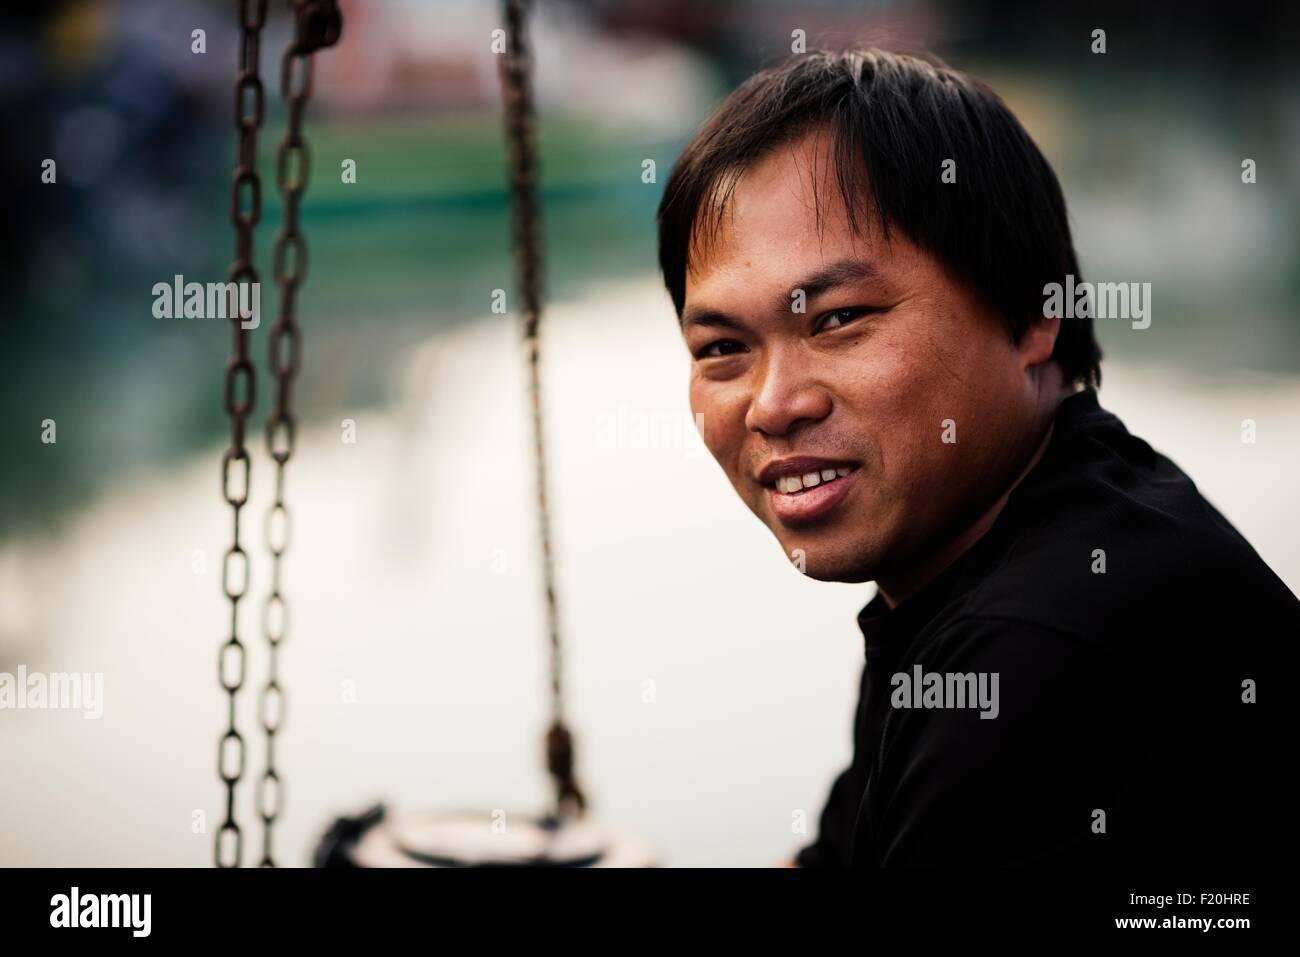 Ritratto di uomo anziano, vista laterale guardando sopra la spalla alla fotocamera a sorridere Immagini Stock